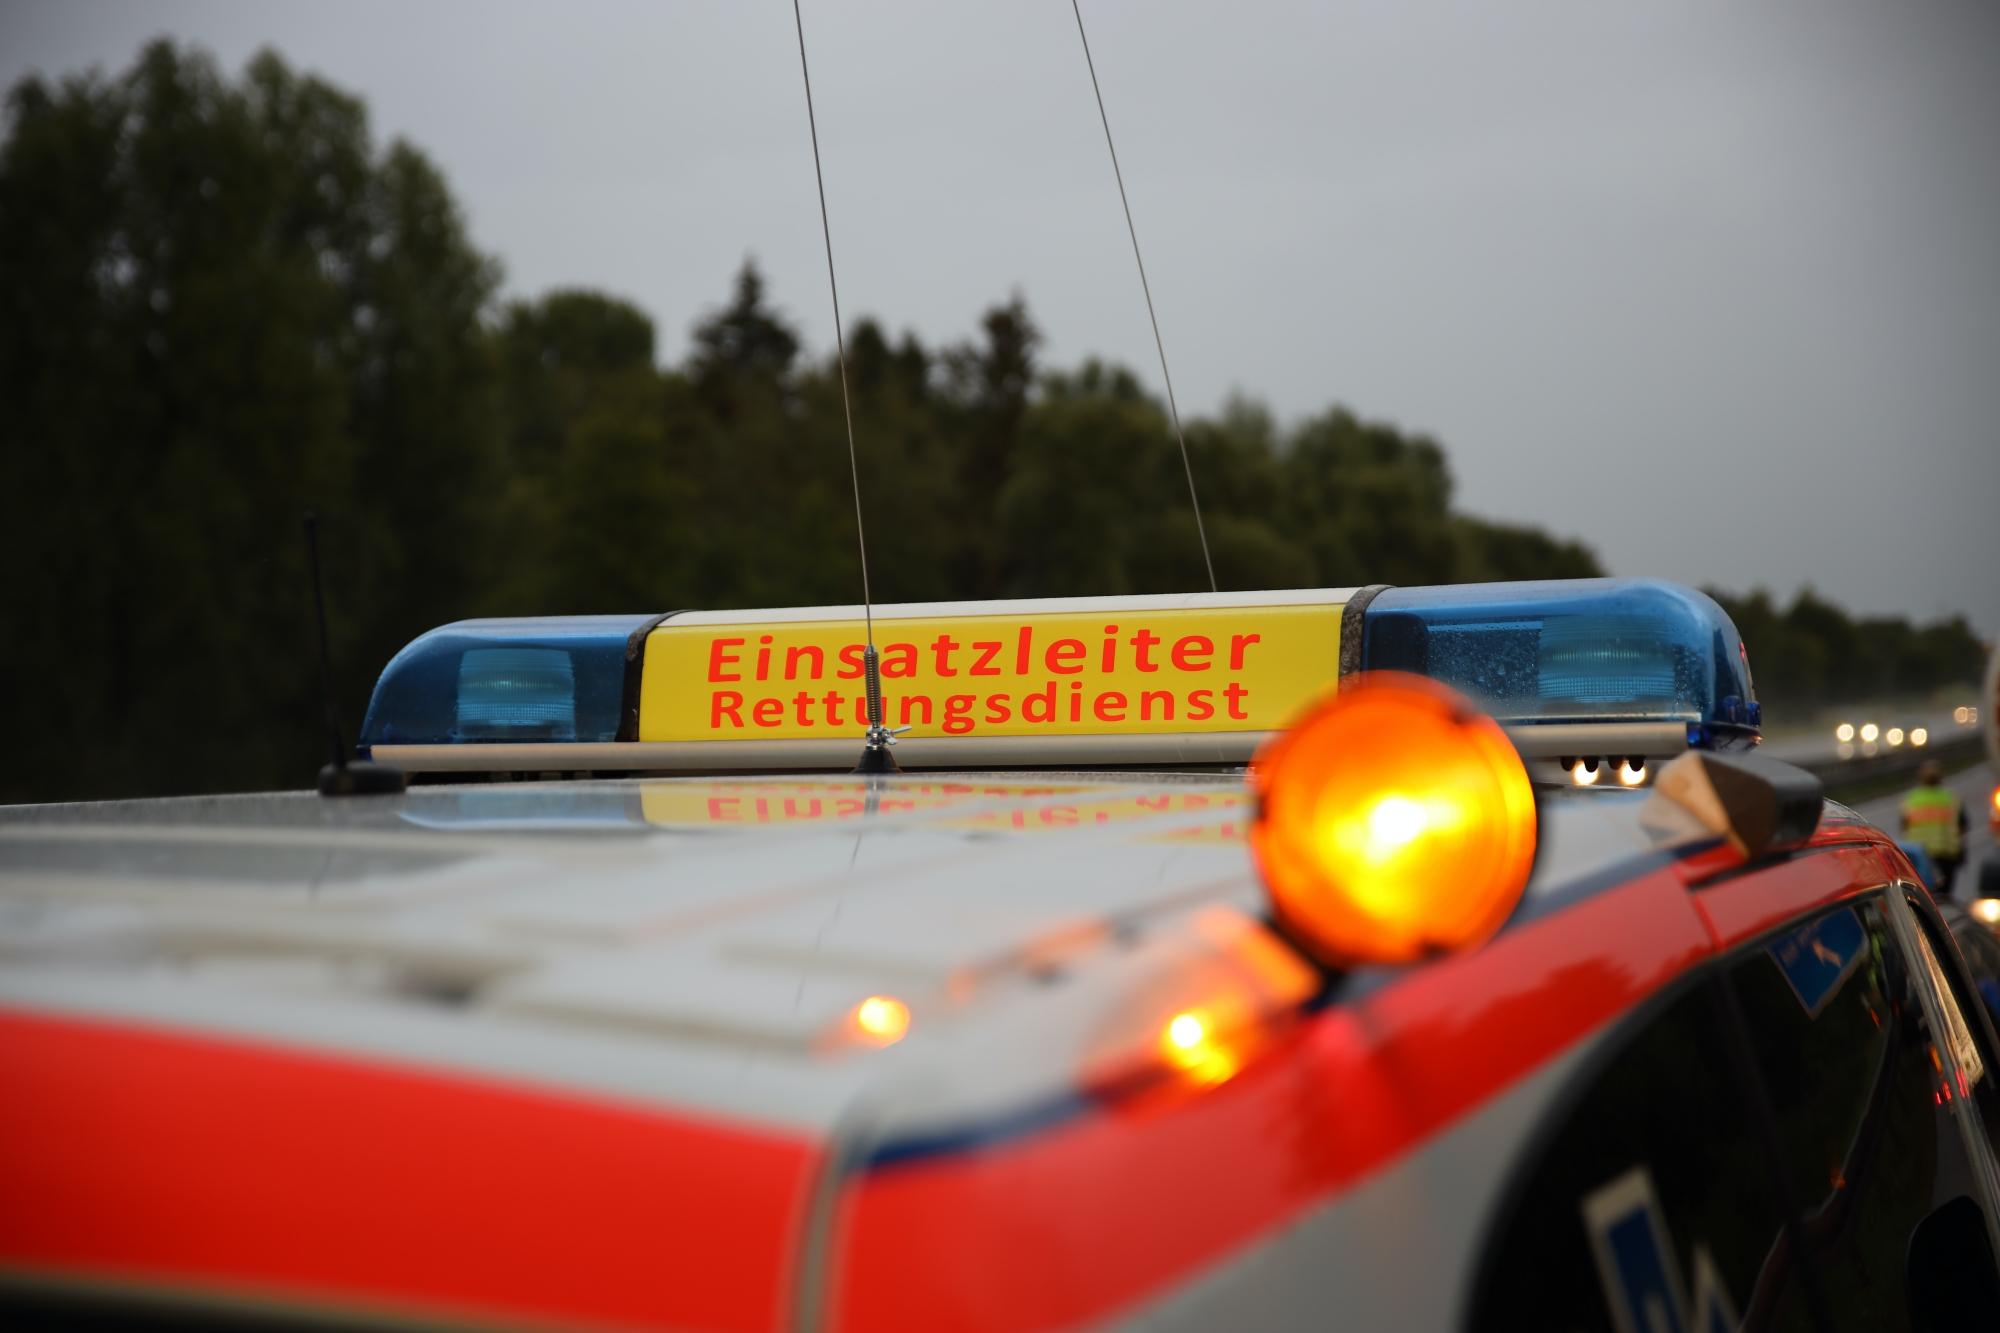 2020-07-26_A896_Erkheim_Stetten_Parkplatz-kammlachtal_Unfall_Lkw_Pkw_Feuerwehr_Bringezu__IMG_2302